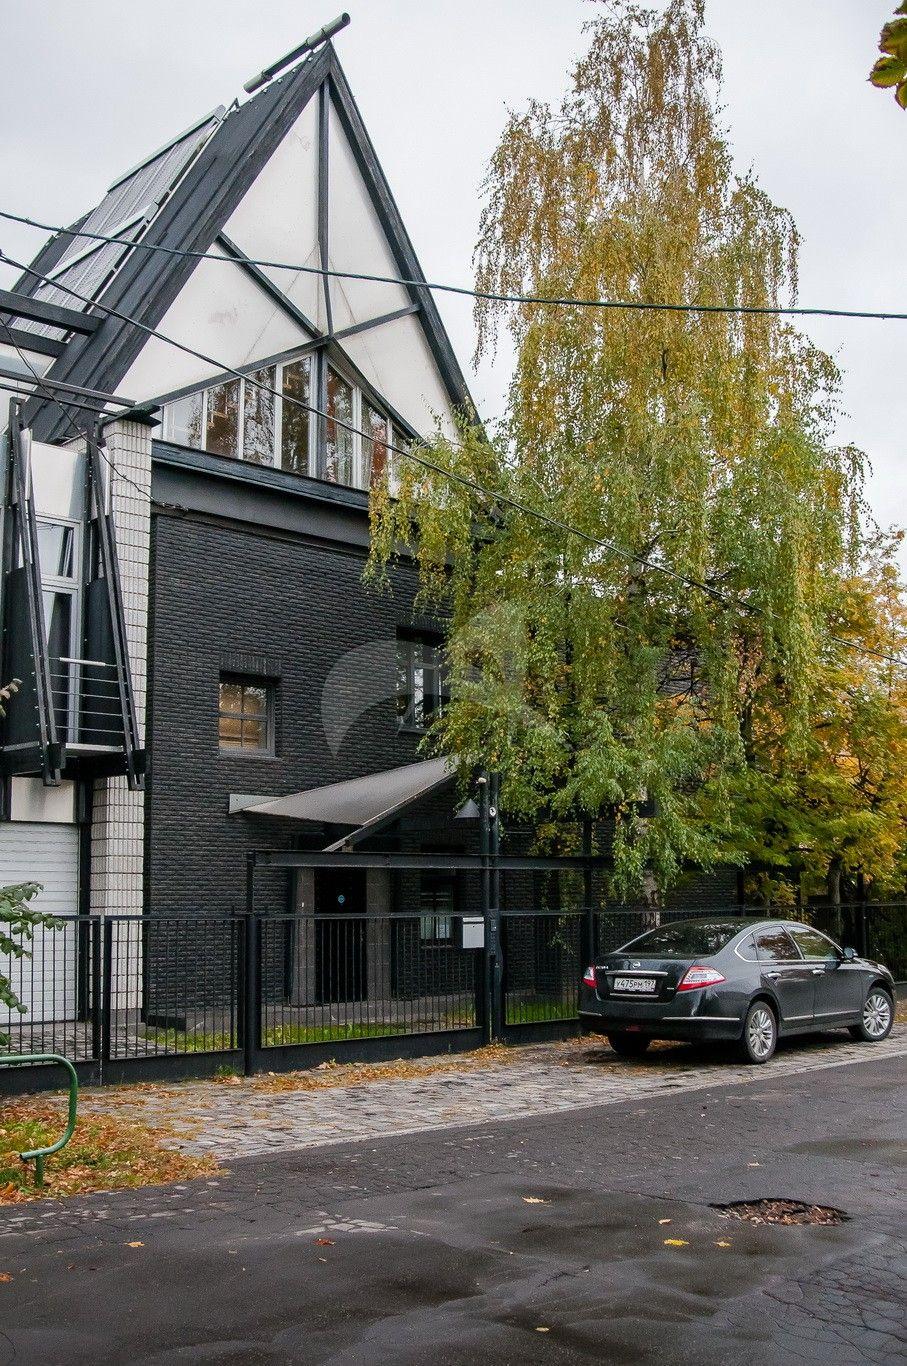 Жилой дом, 1931 г., арх. И. Кондаков